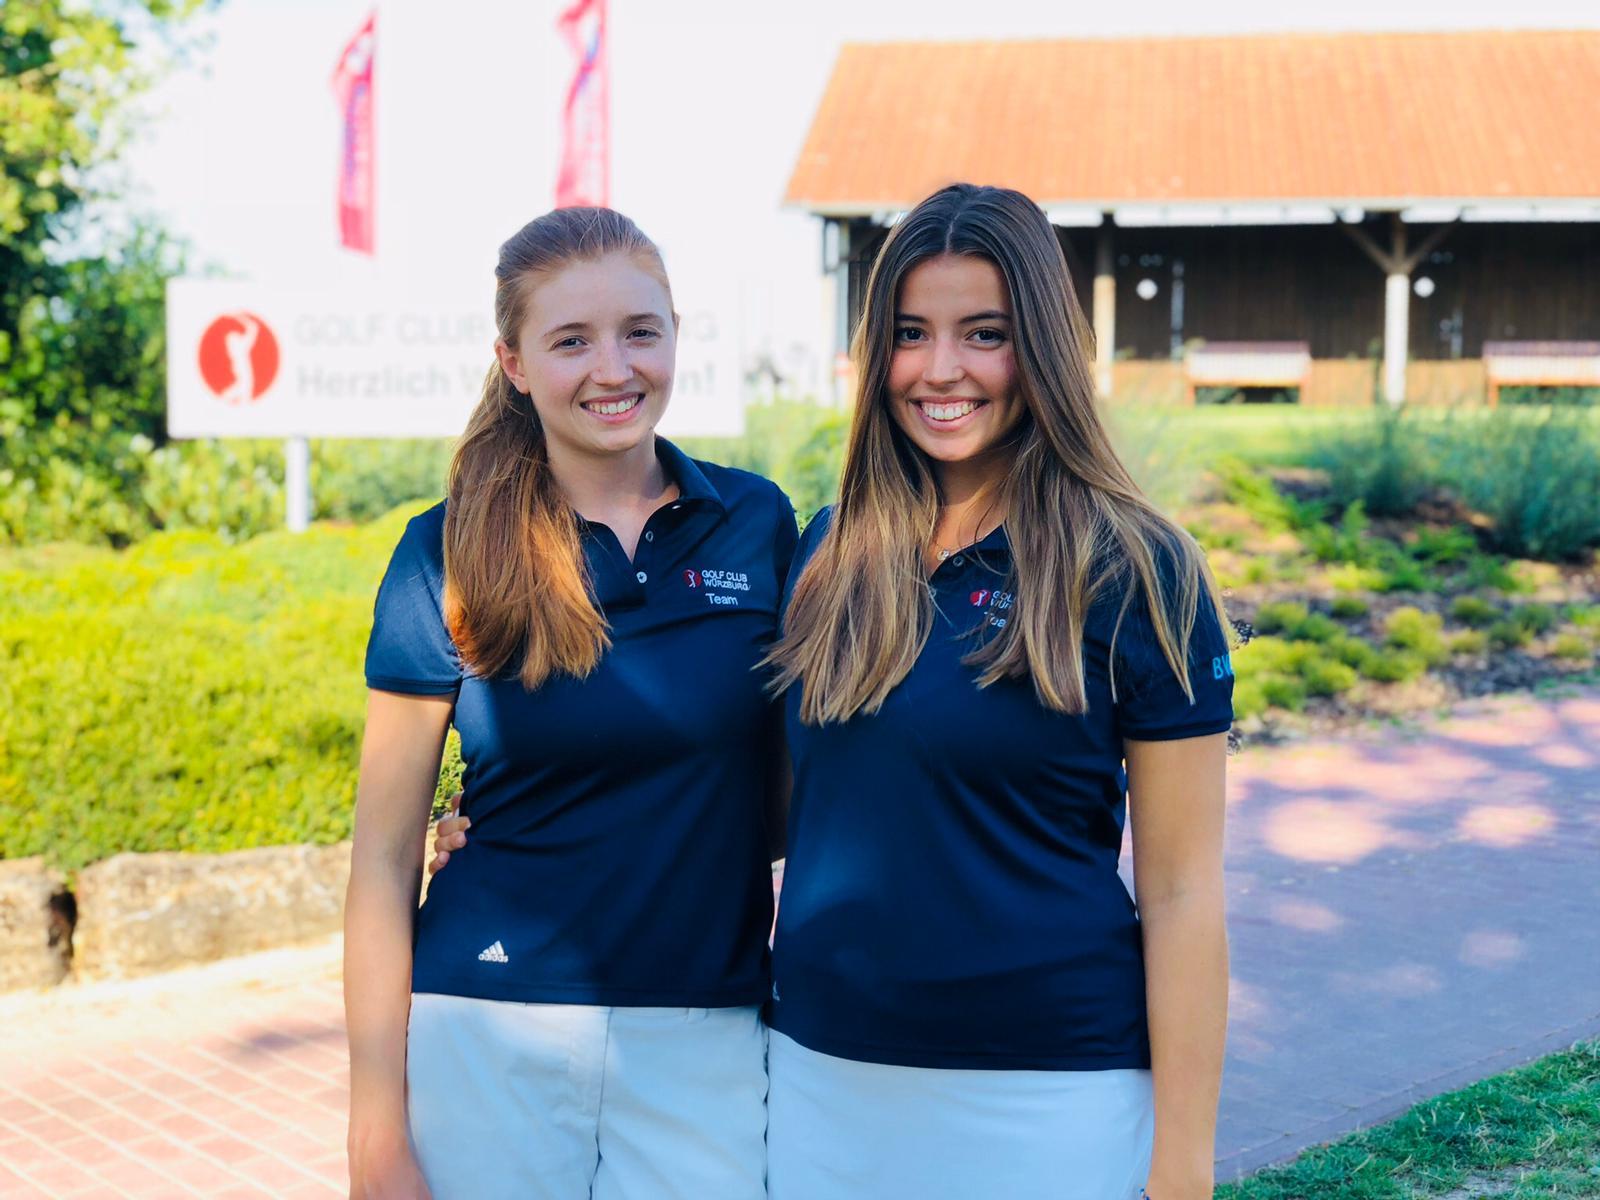 Sabrina und Vanessa Schloo